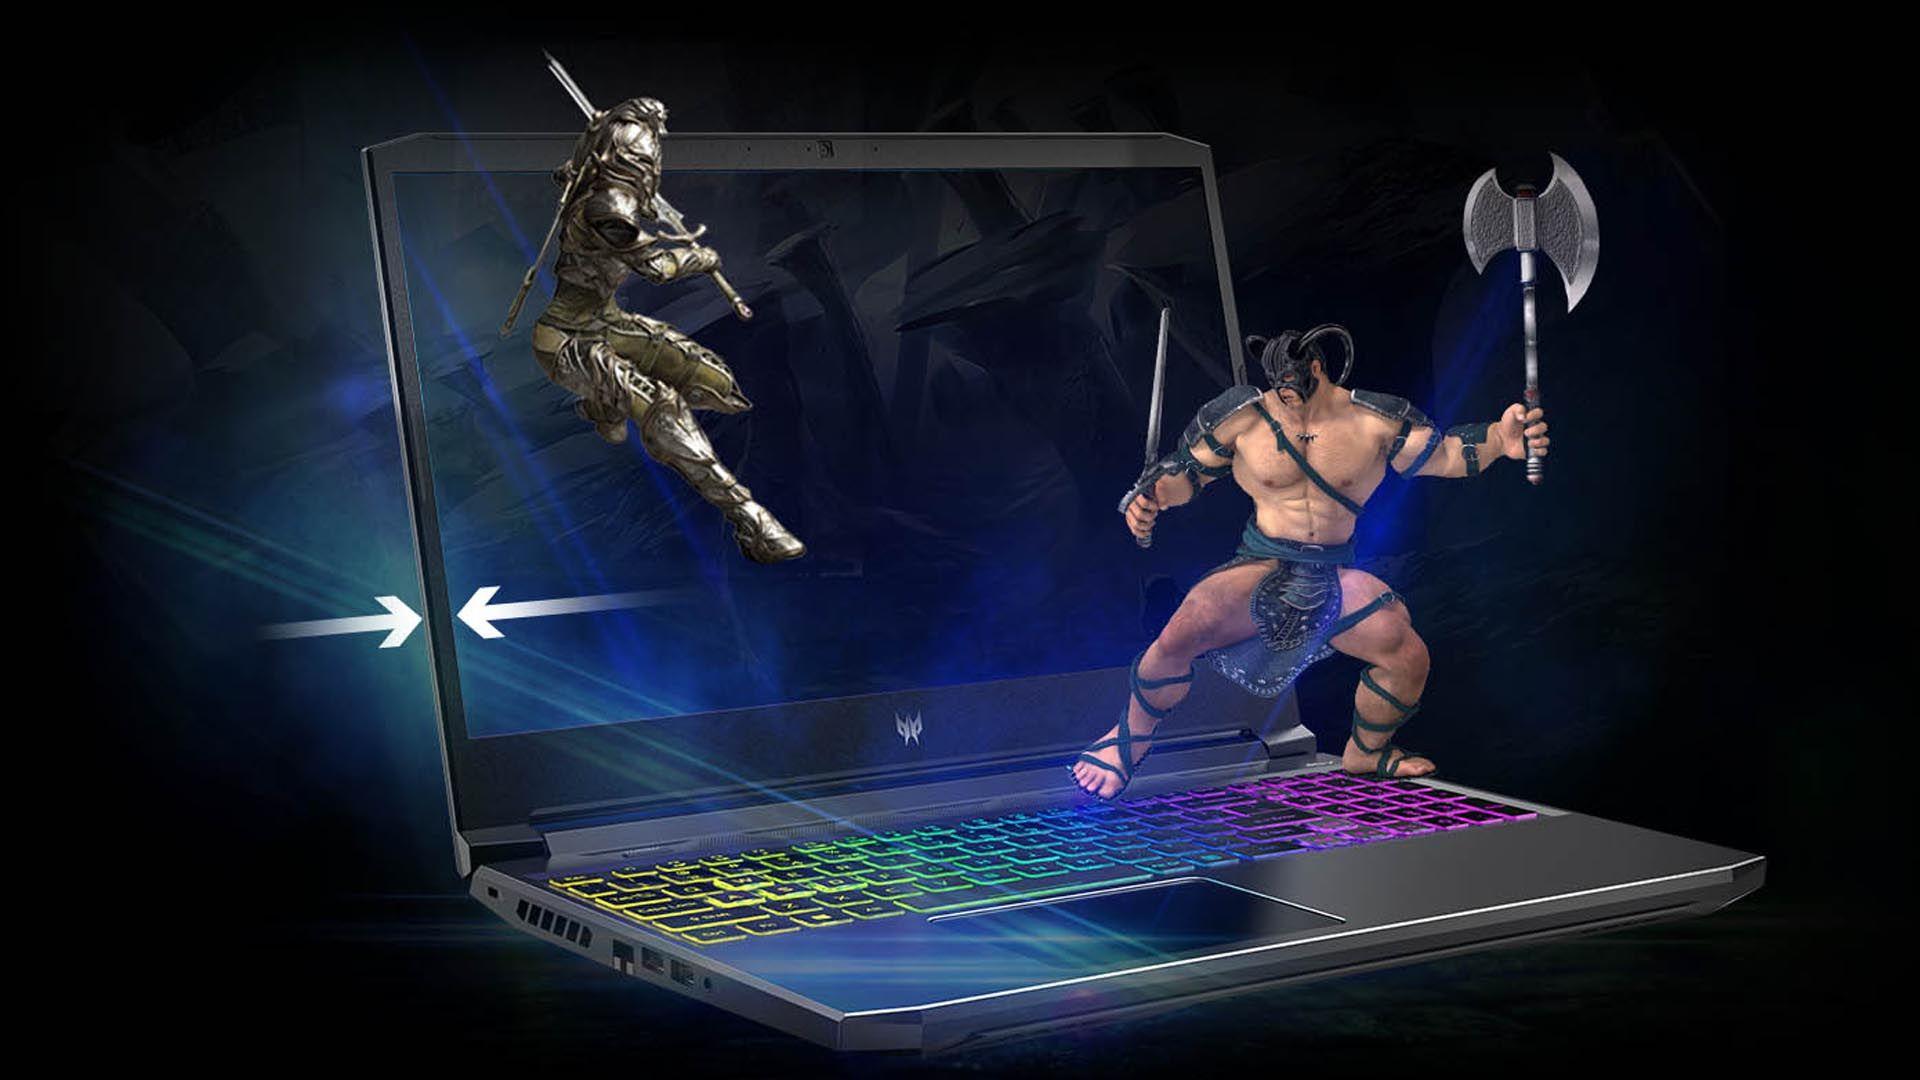 Dois personagens de de jogos batalhando no Acer Predator Helios 300